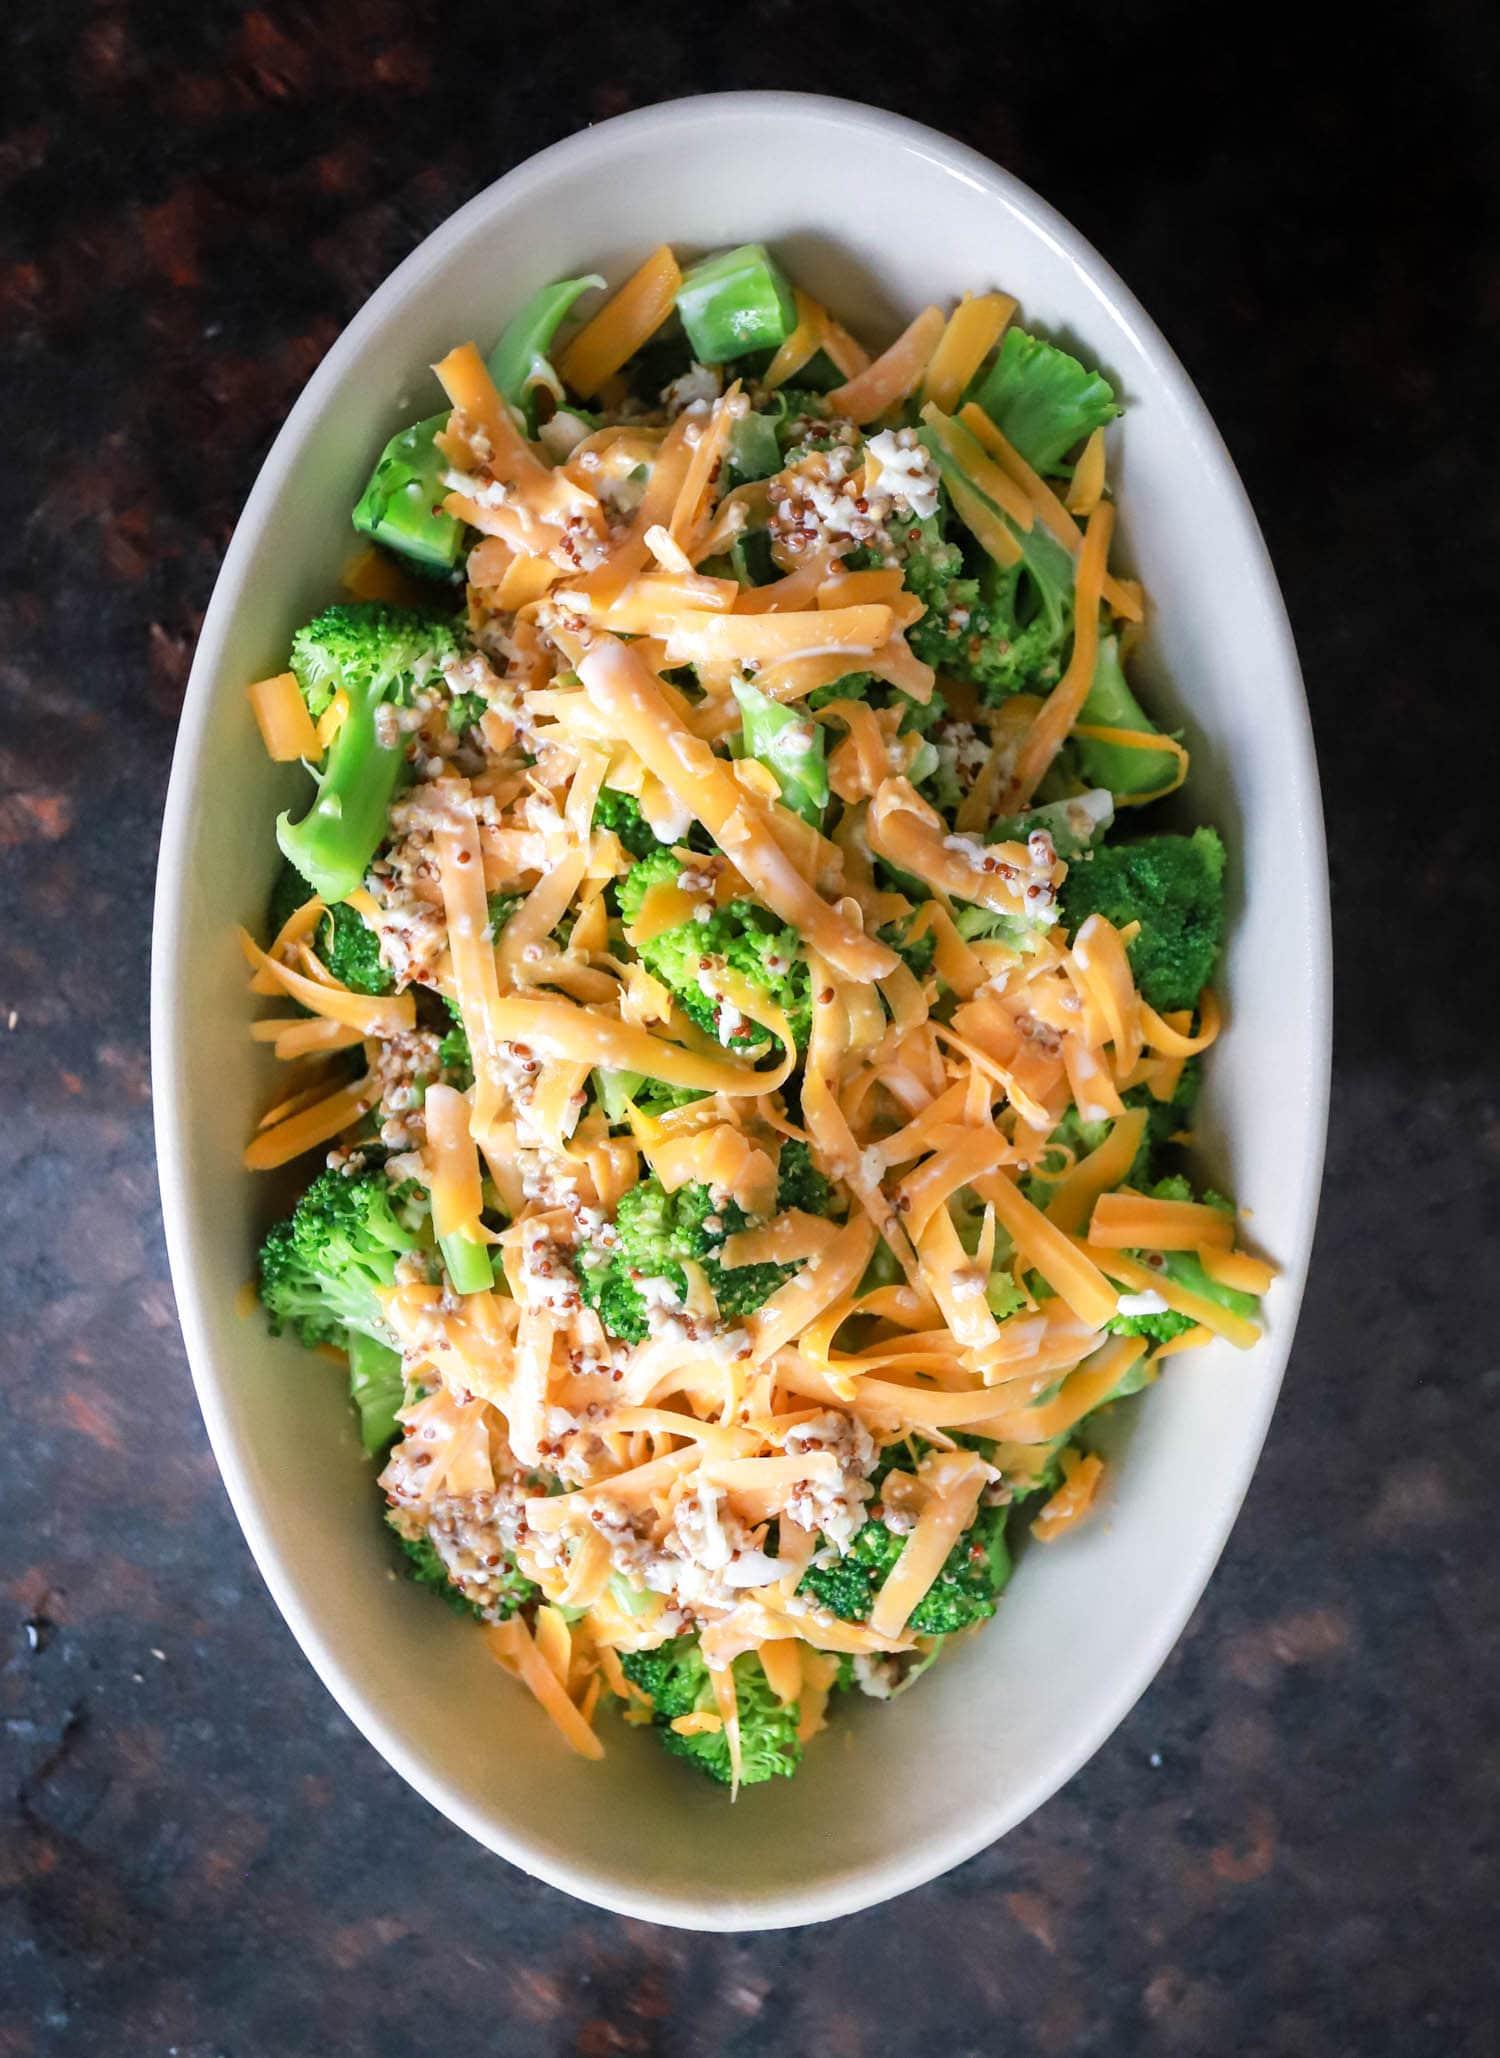 easy broccoli casserole recipe